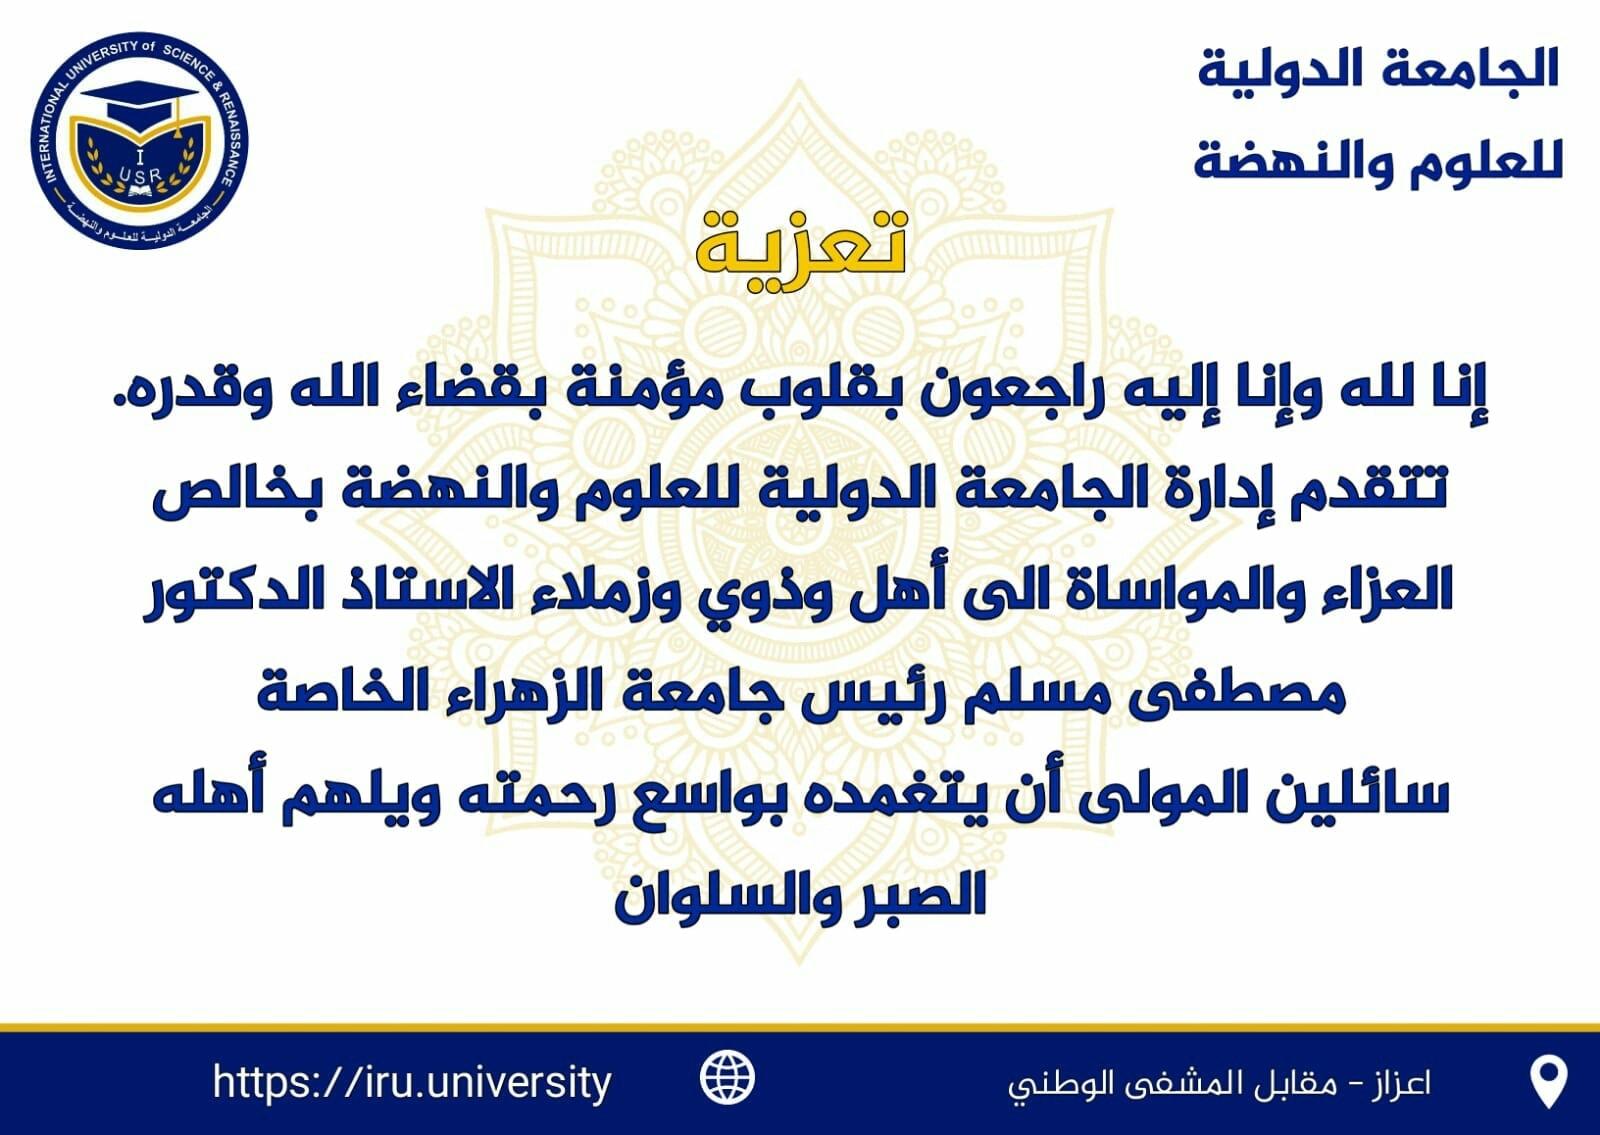 بطاقة تعزية للإستاذ الدكتور مصطفى مسلم